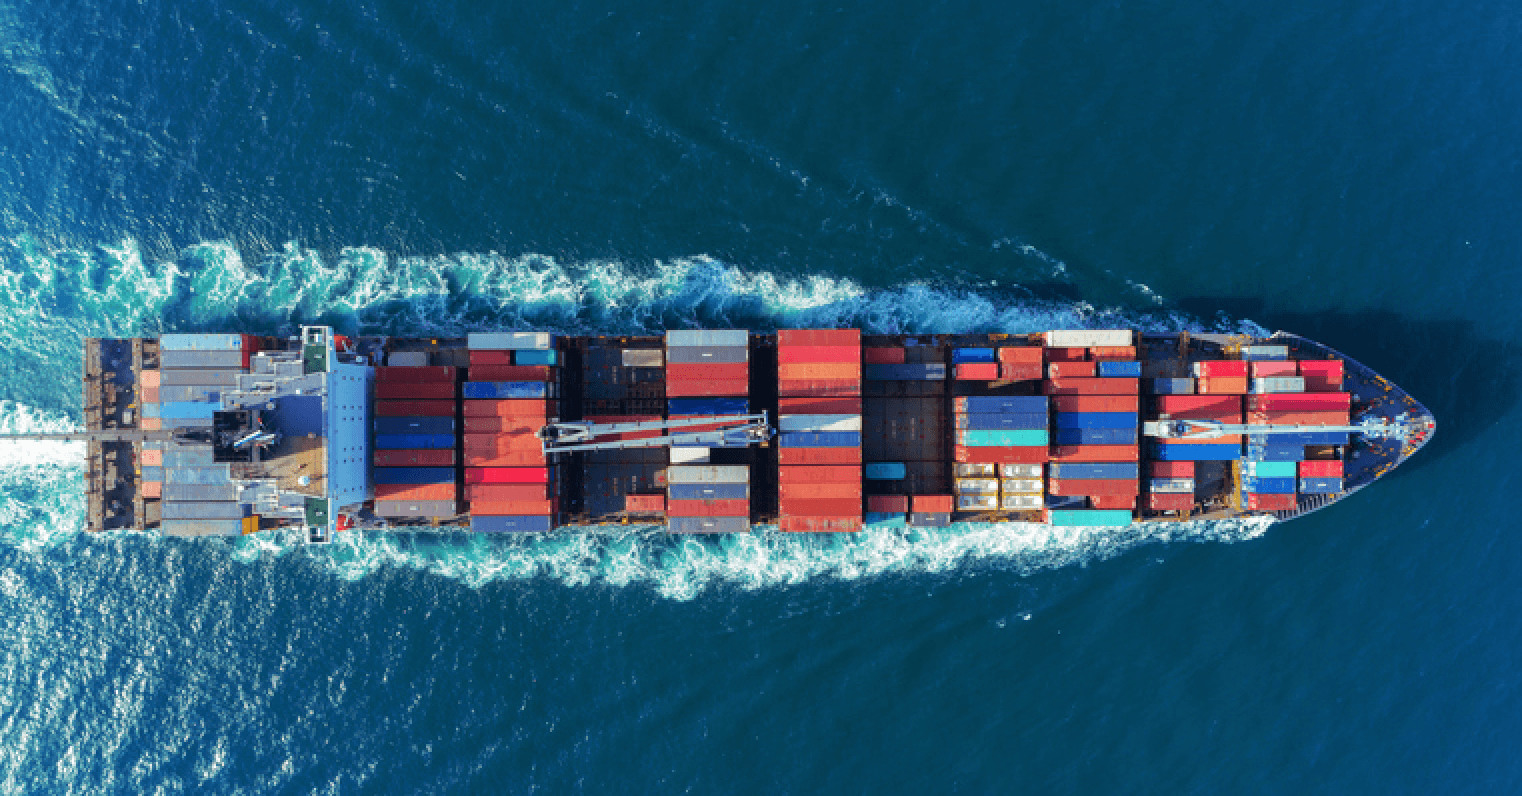 Transporte marítimo: la referencia de las mercancías